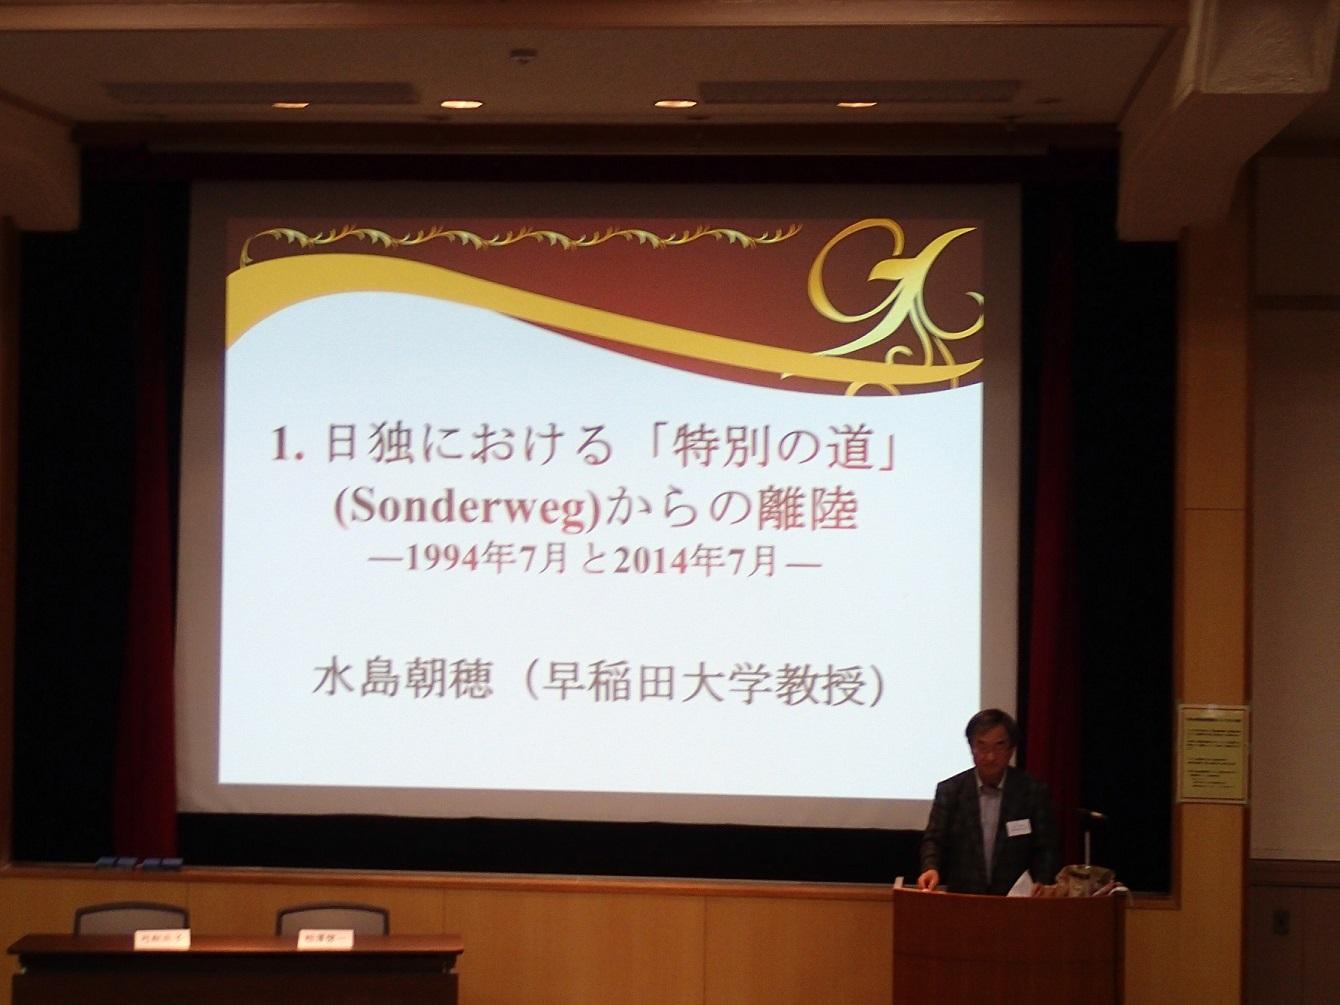 日本ドイツ学会